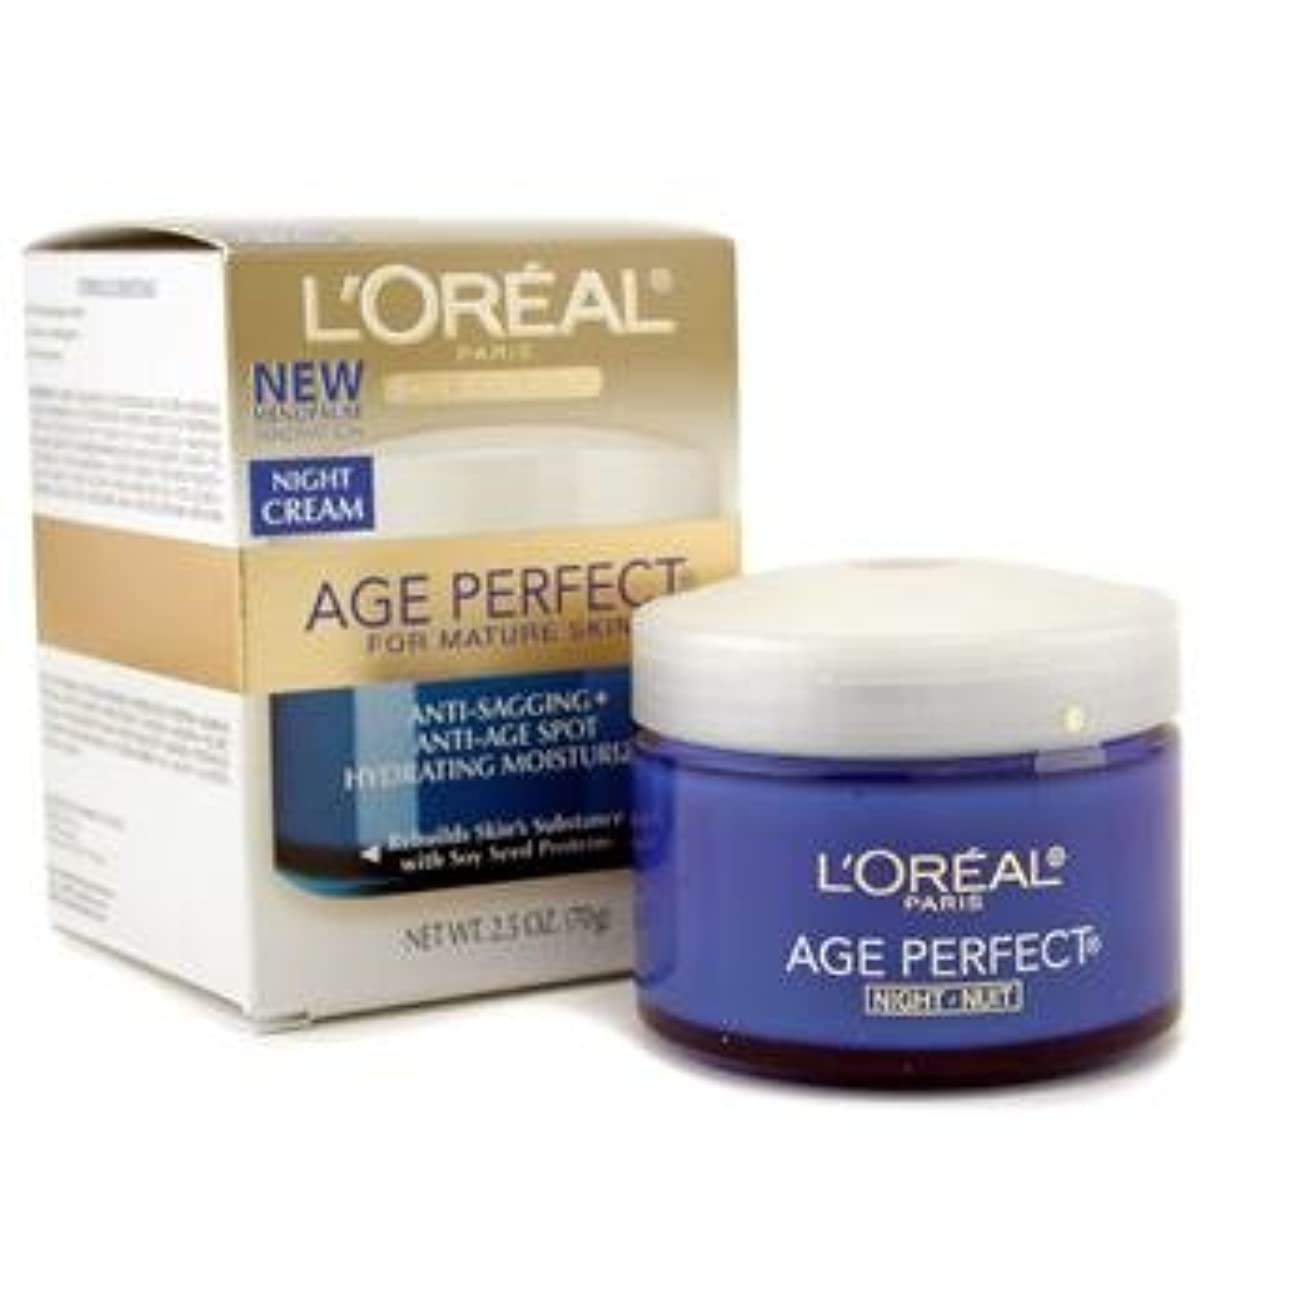 座標ノミネートバッテリー[LOreal] Skin Expertise Age Perfect Night Cream ( For Mature Skin ) 70g/2.5oz